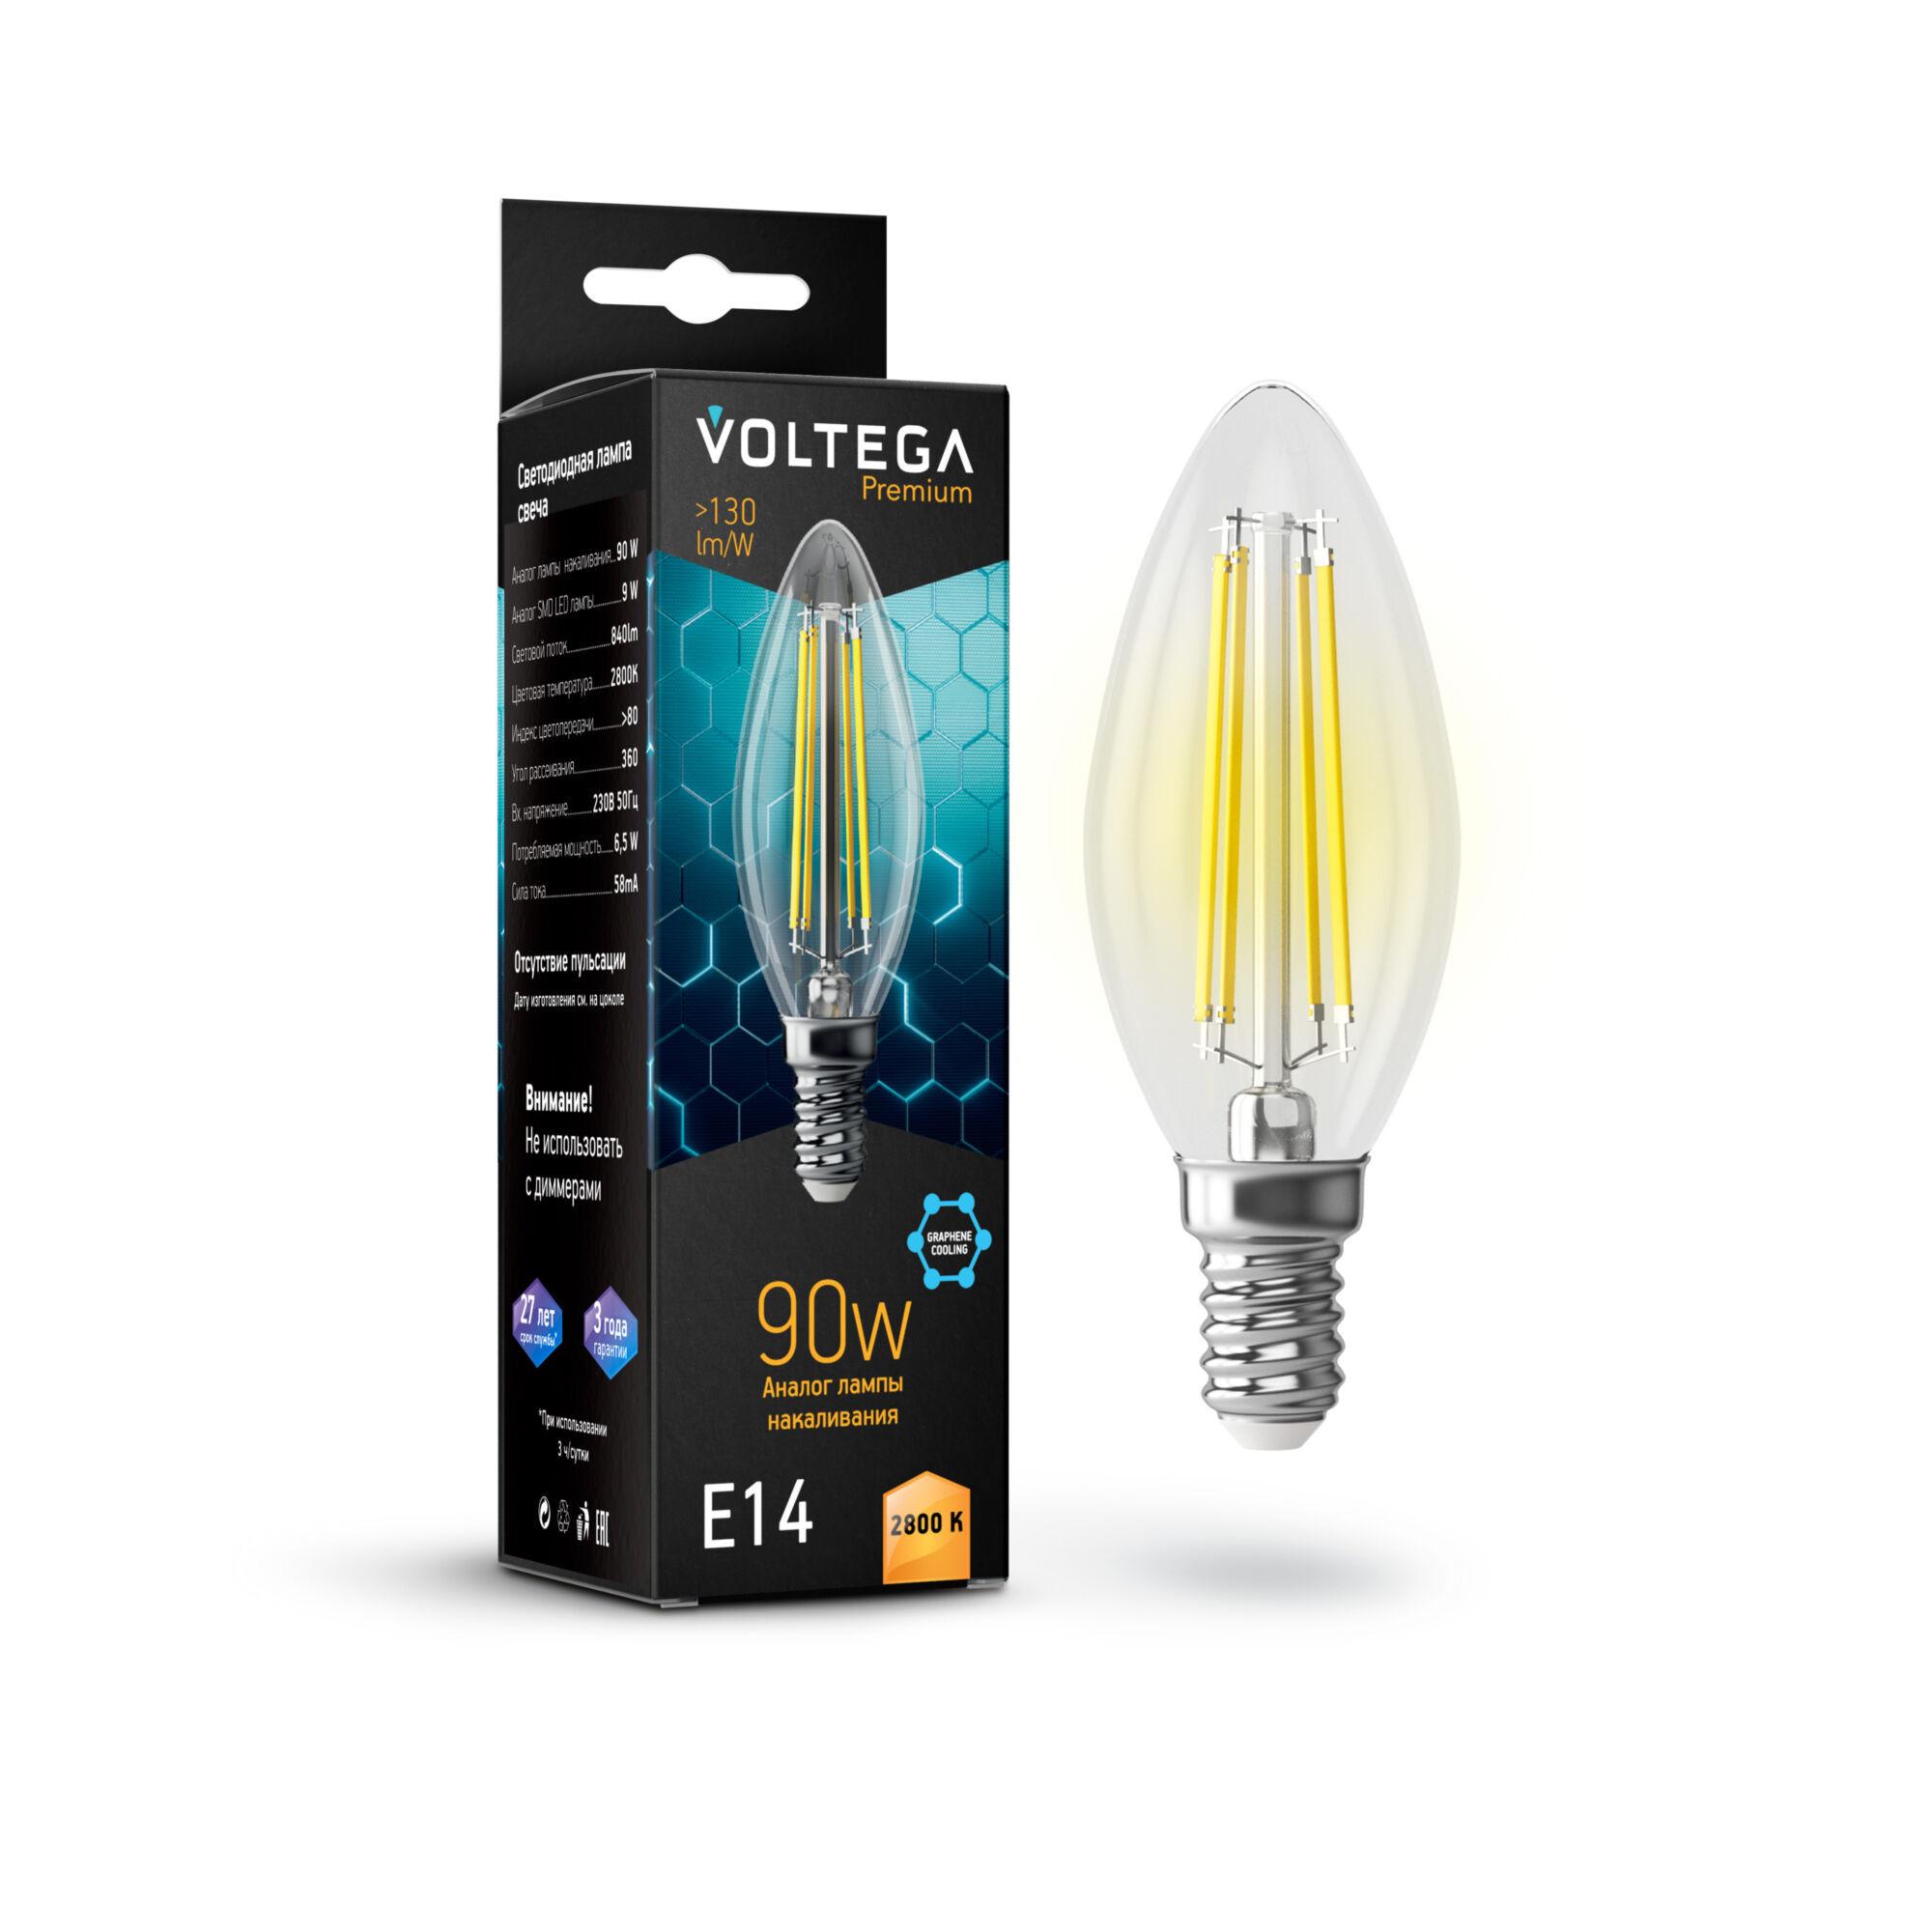 Филаментная светодиодная лампа Voltega Crystal 7134 свеча E14 6,5W, 2800K (теплый) 220V, гарантия 3 года - фото 1